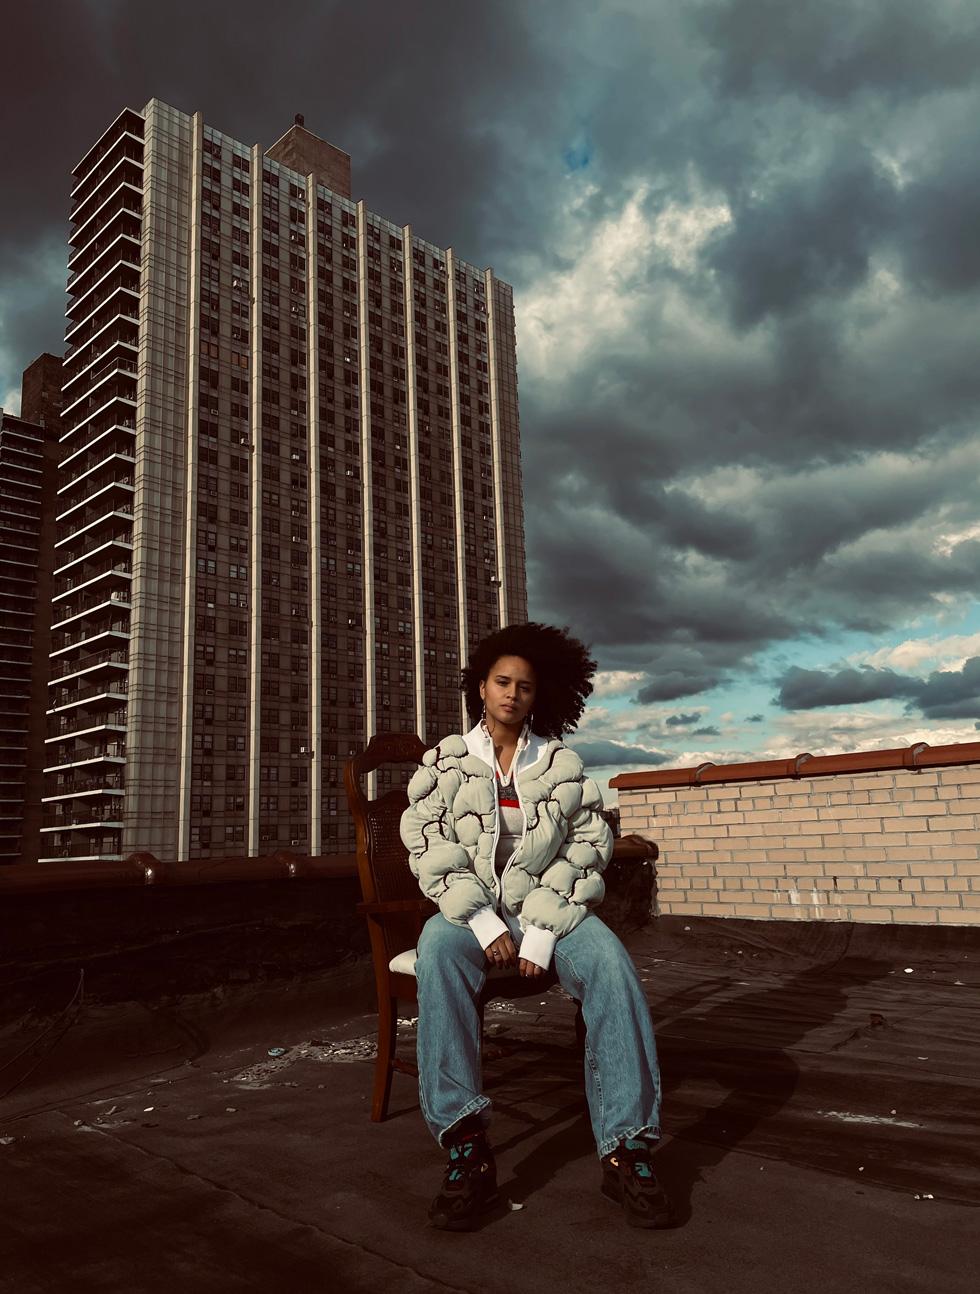 Jashly, fotografiert auf einer Dachterrasse.